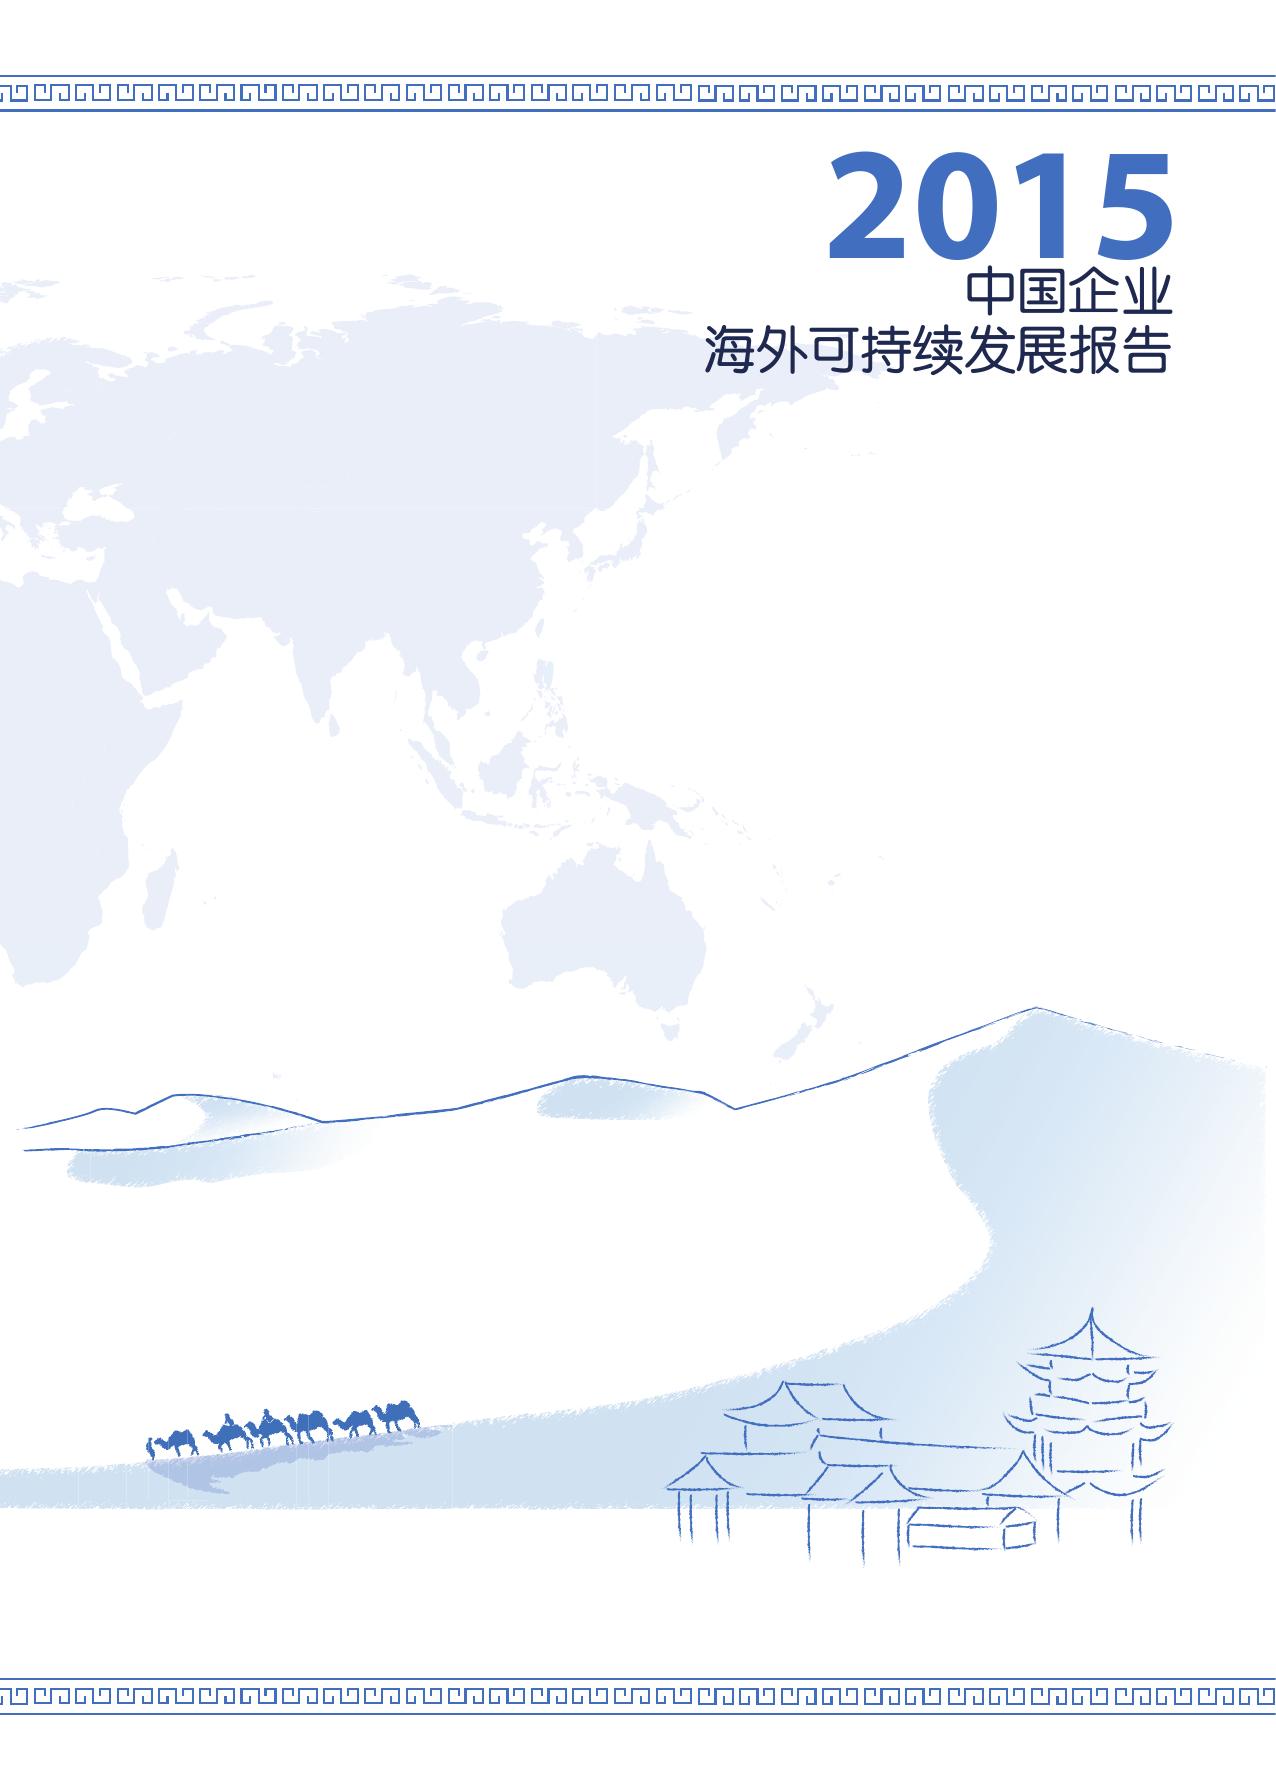 2015中国企业海外可持续发展报告_000001